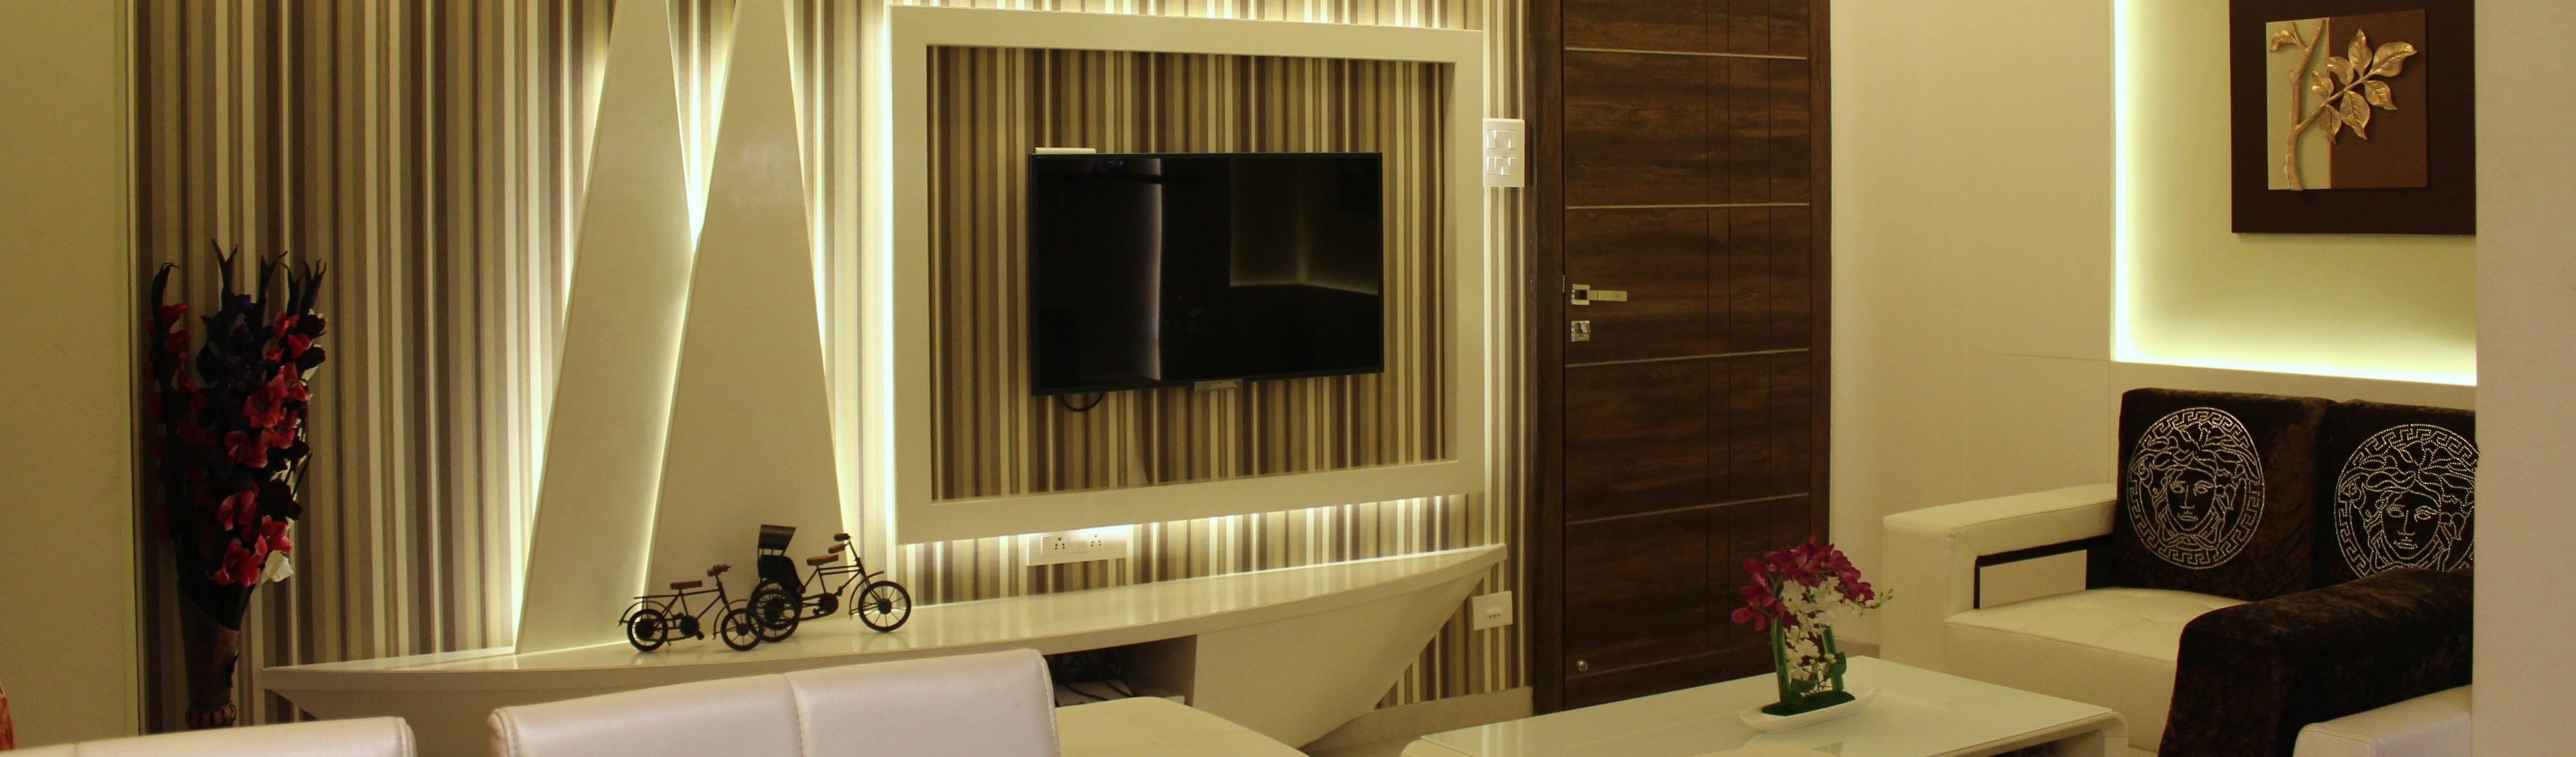 I – design interior designer's